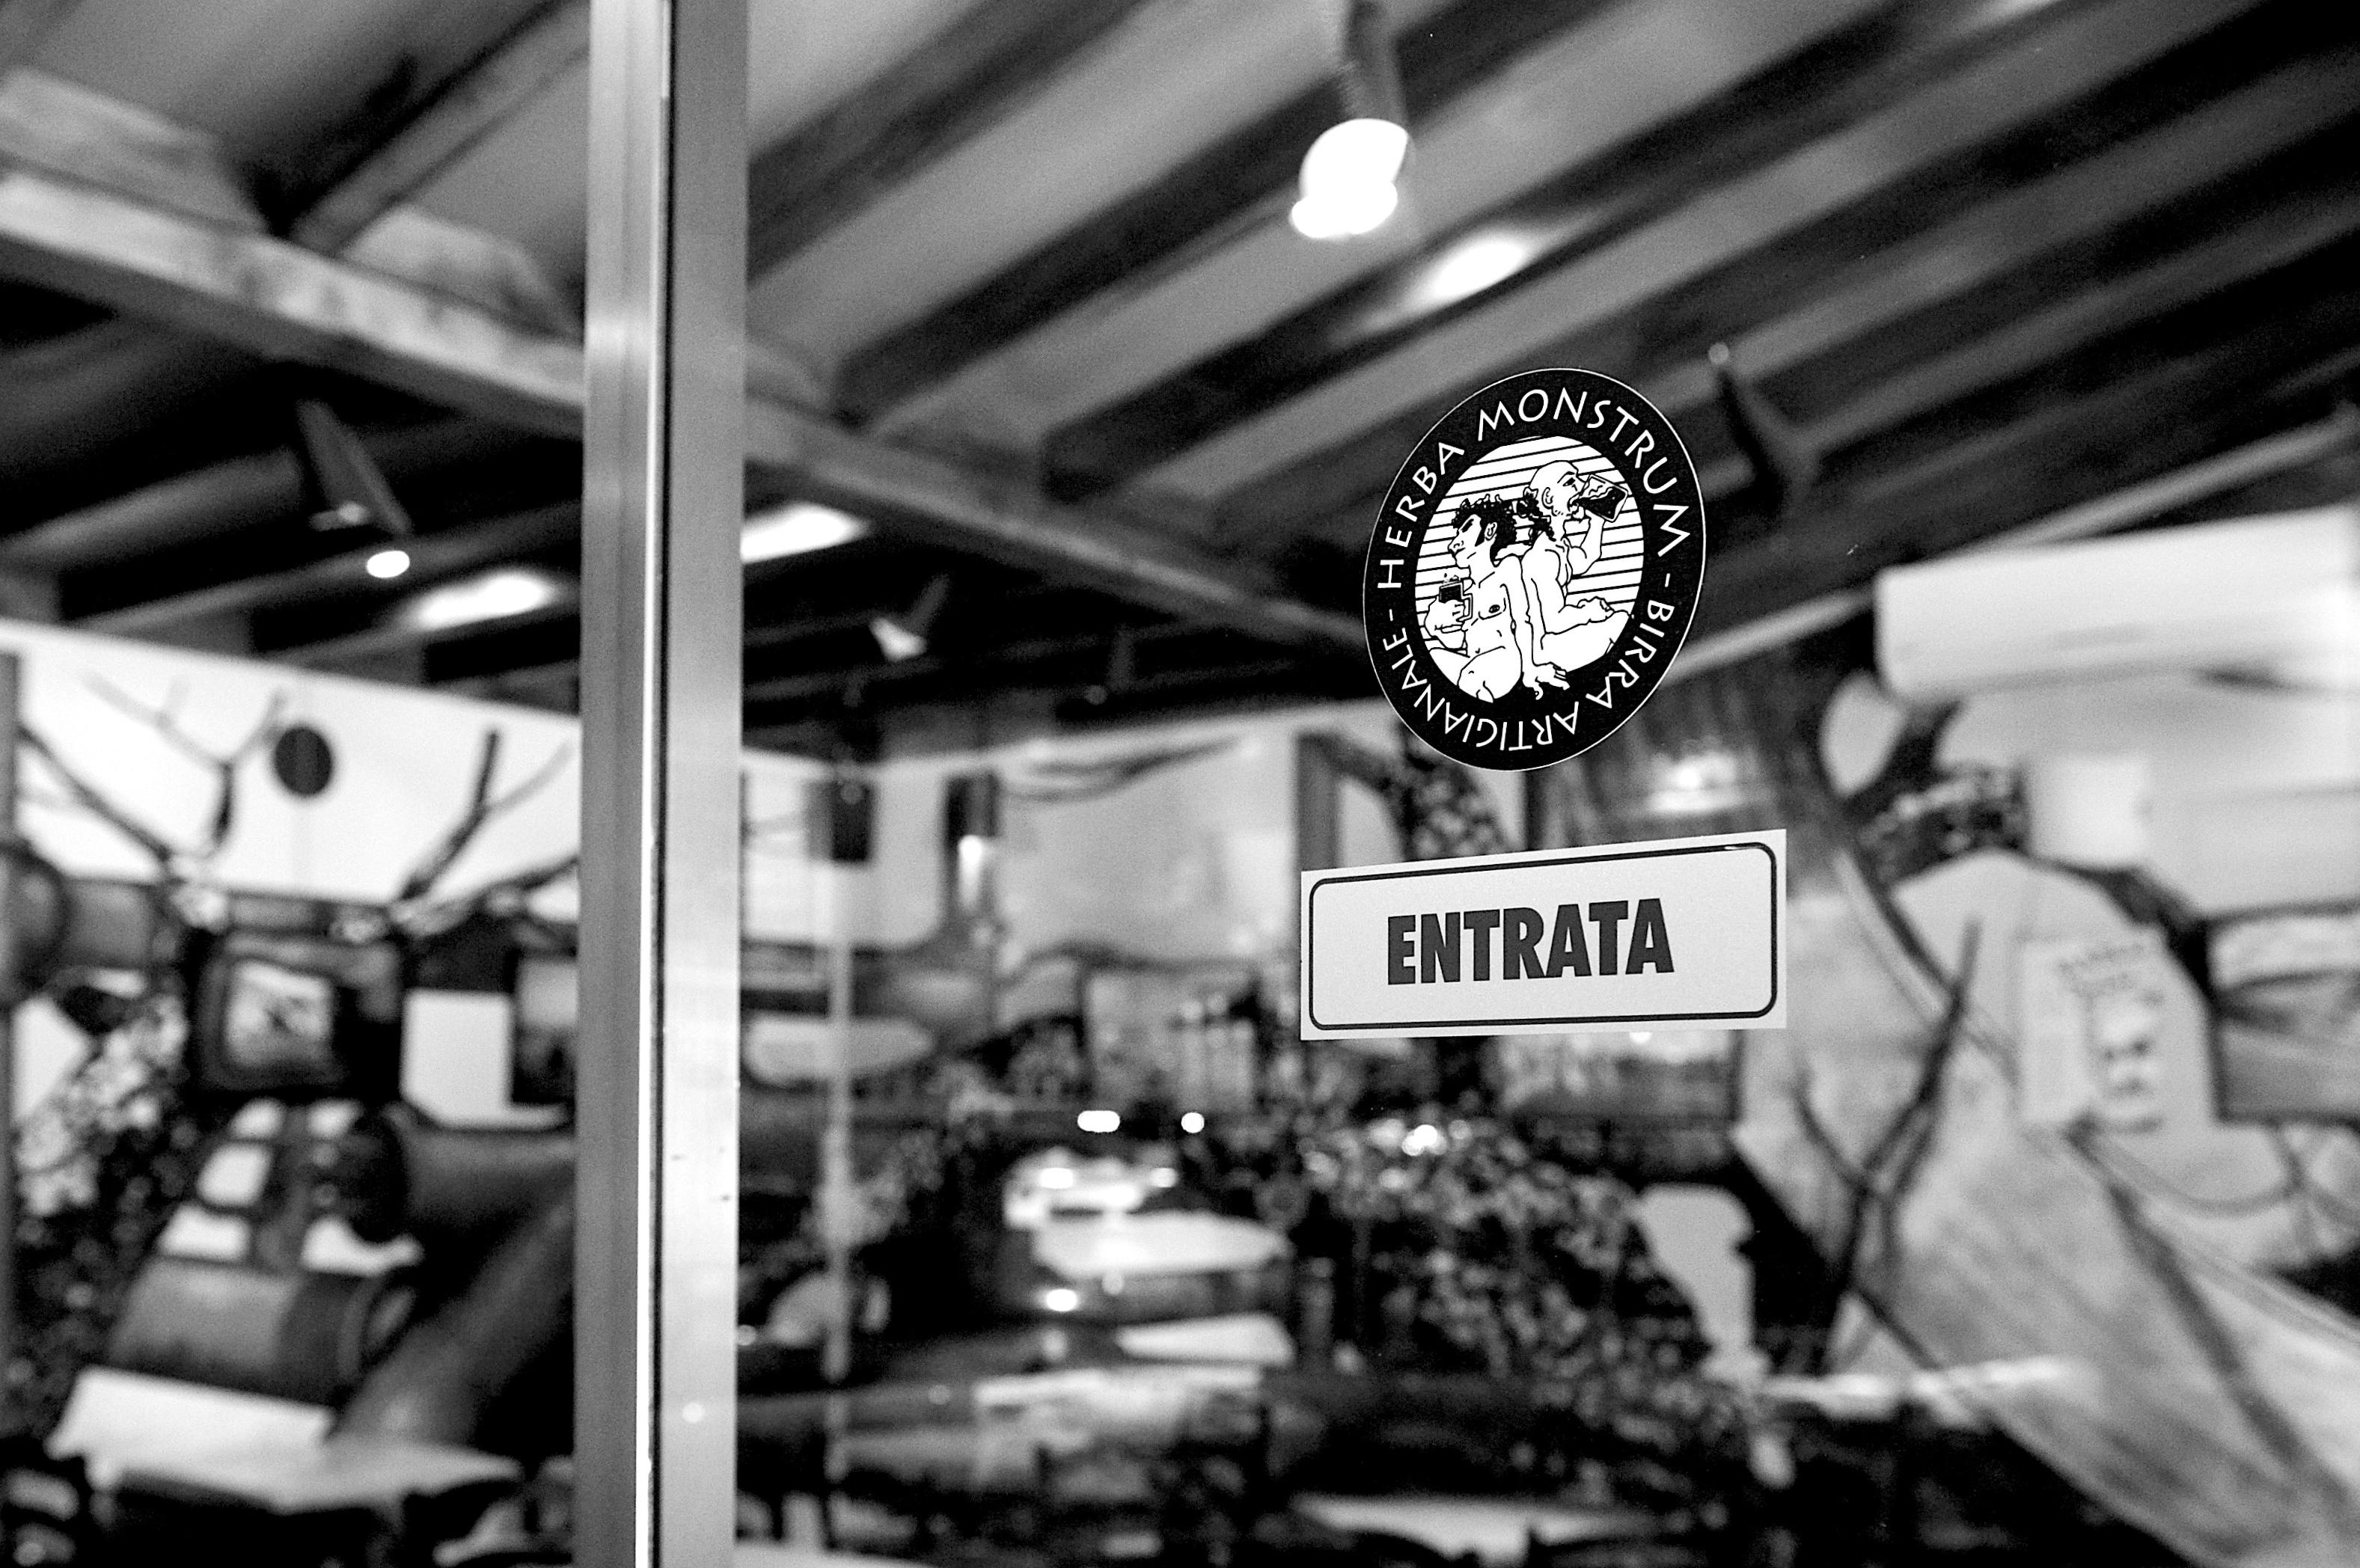 Maggio 2020 Servizio Asporto Lecco: birre artigianali e hamburger gourmet Gustali direttamente a casa! Herba Monstrum Brewery via Ettore Monti, 29, 23851 in zona Ponte Azzone Visconti Lecco.